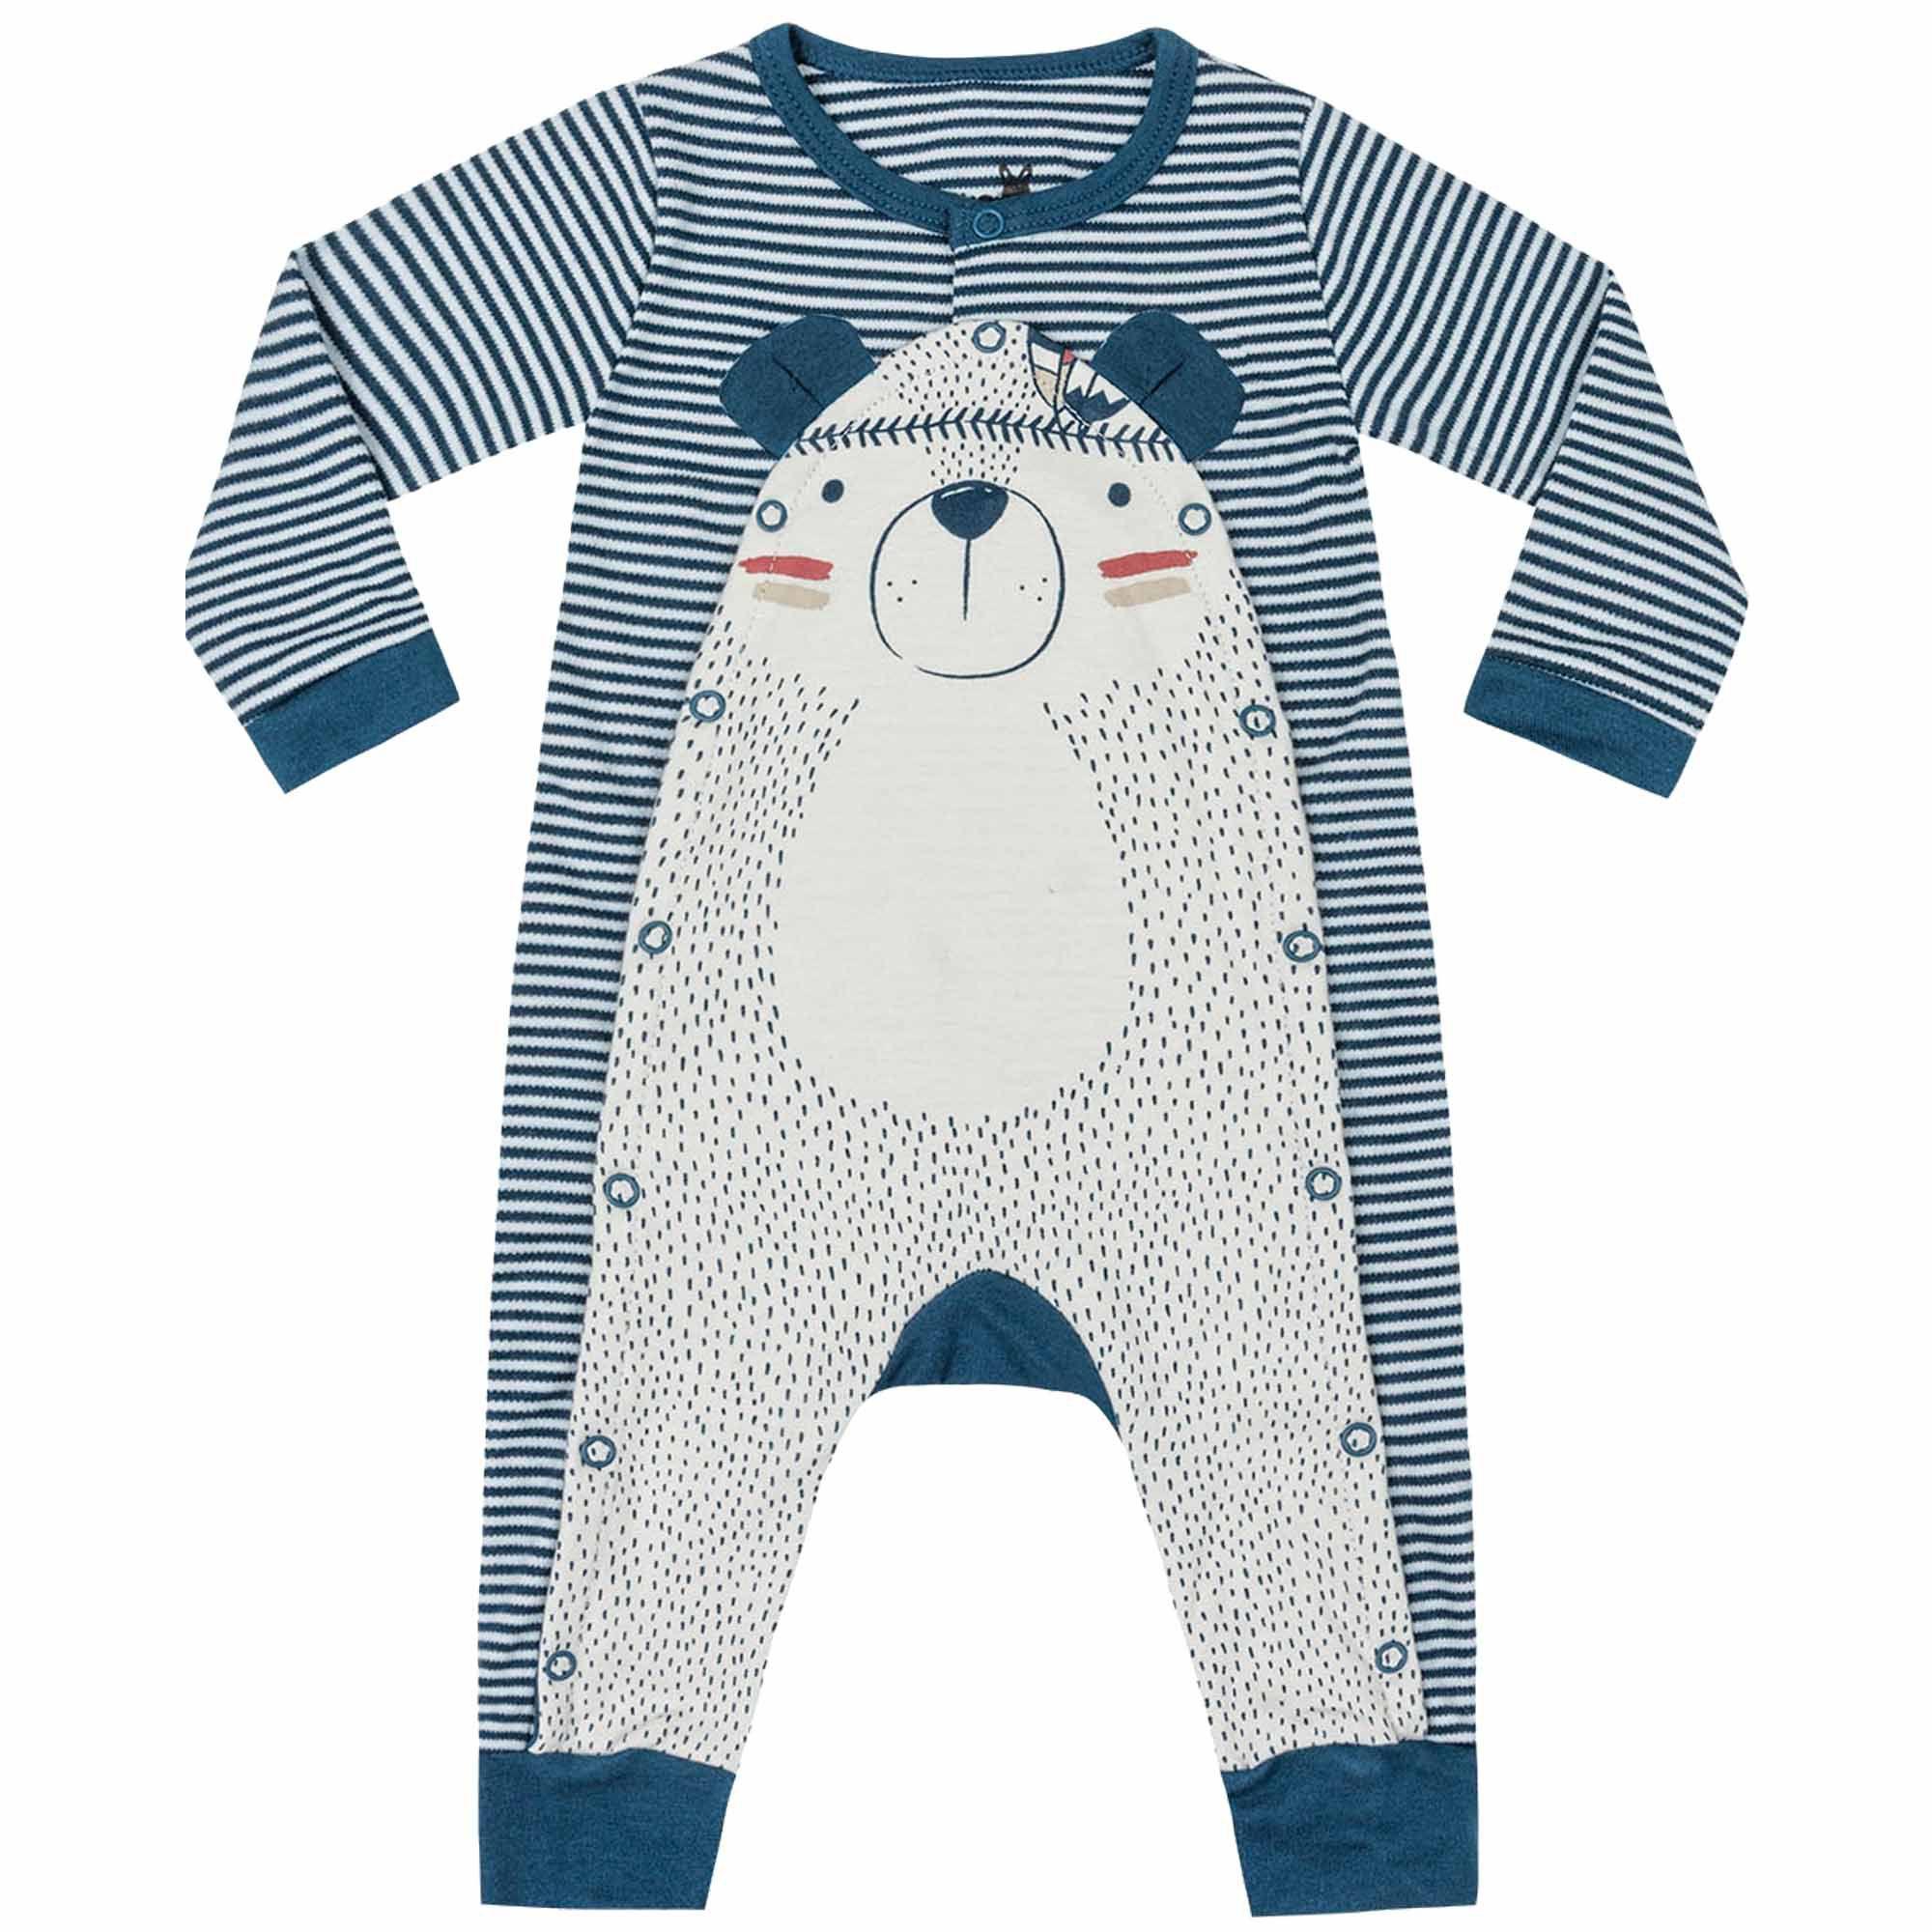 Macacão Inverno Suedine Kiko Baby Estampa Urso Índio e Listras - RN ao G